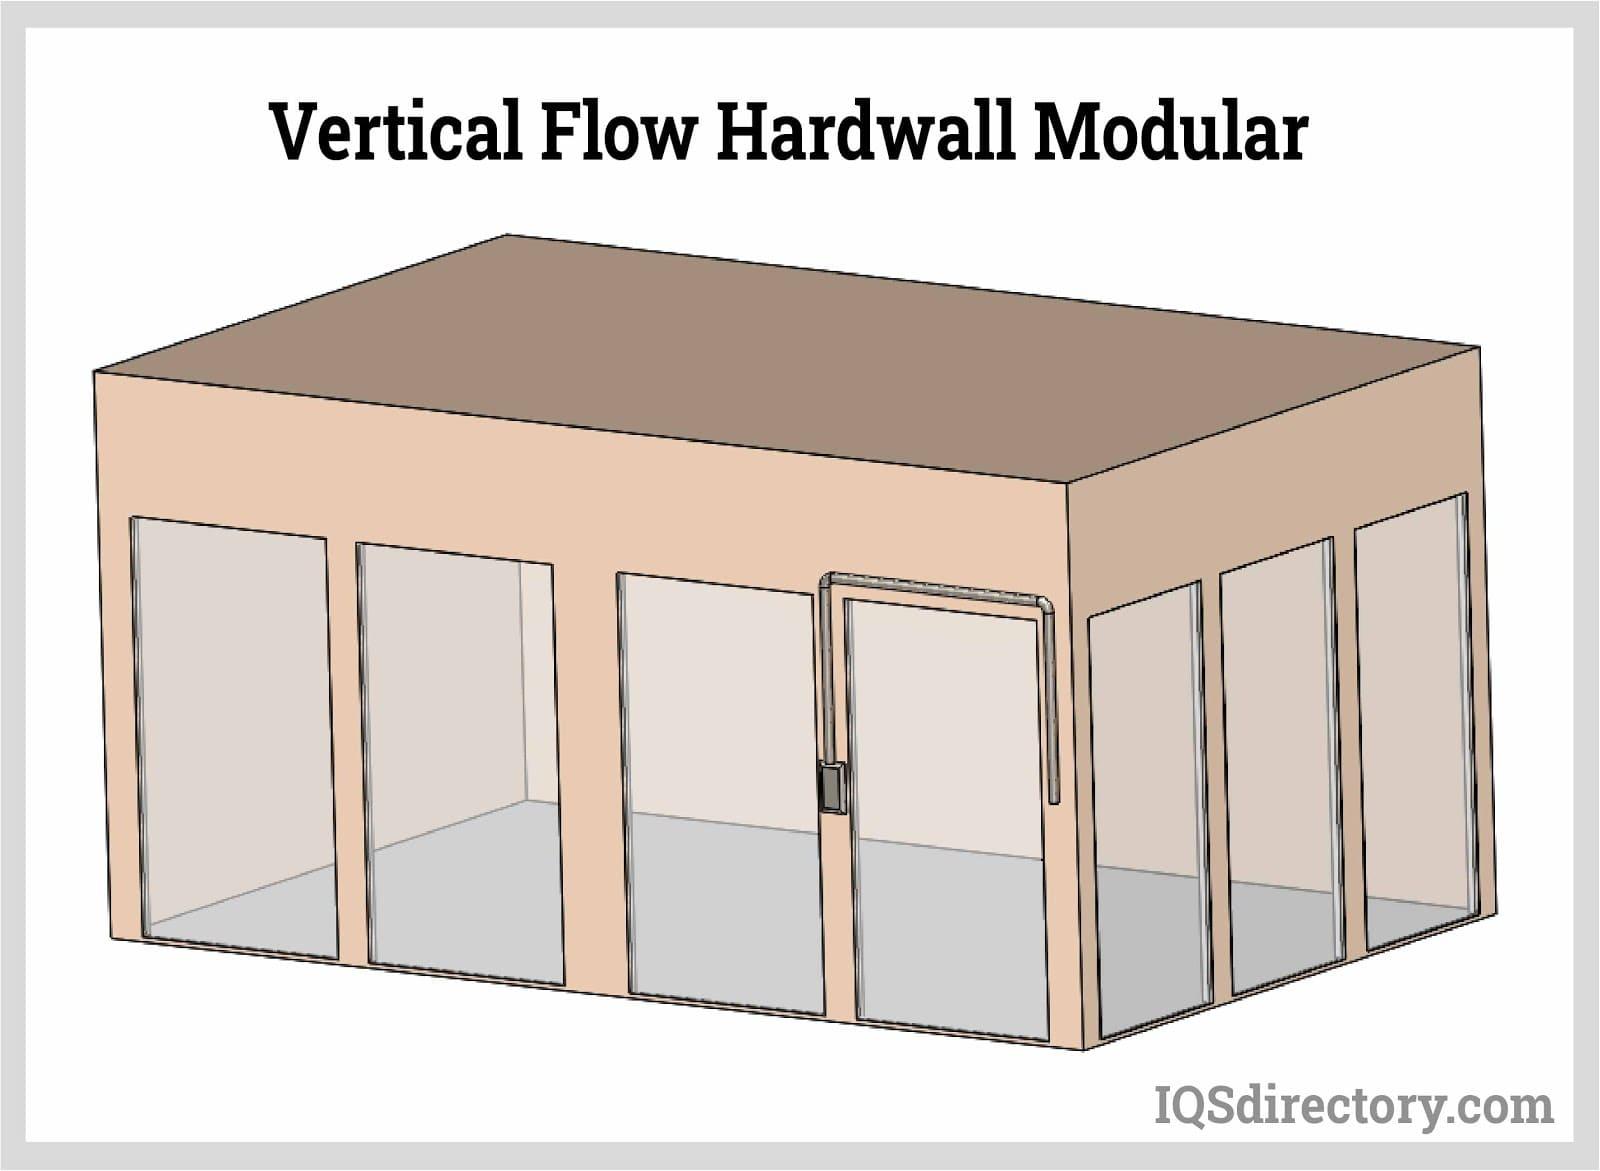 Vertical Flow Hardwall Modular